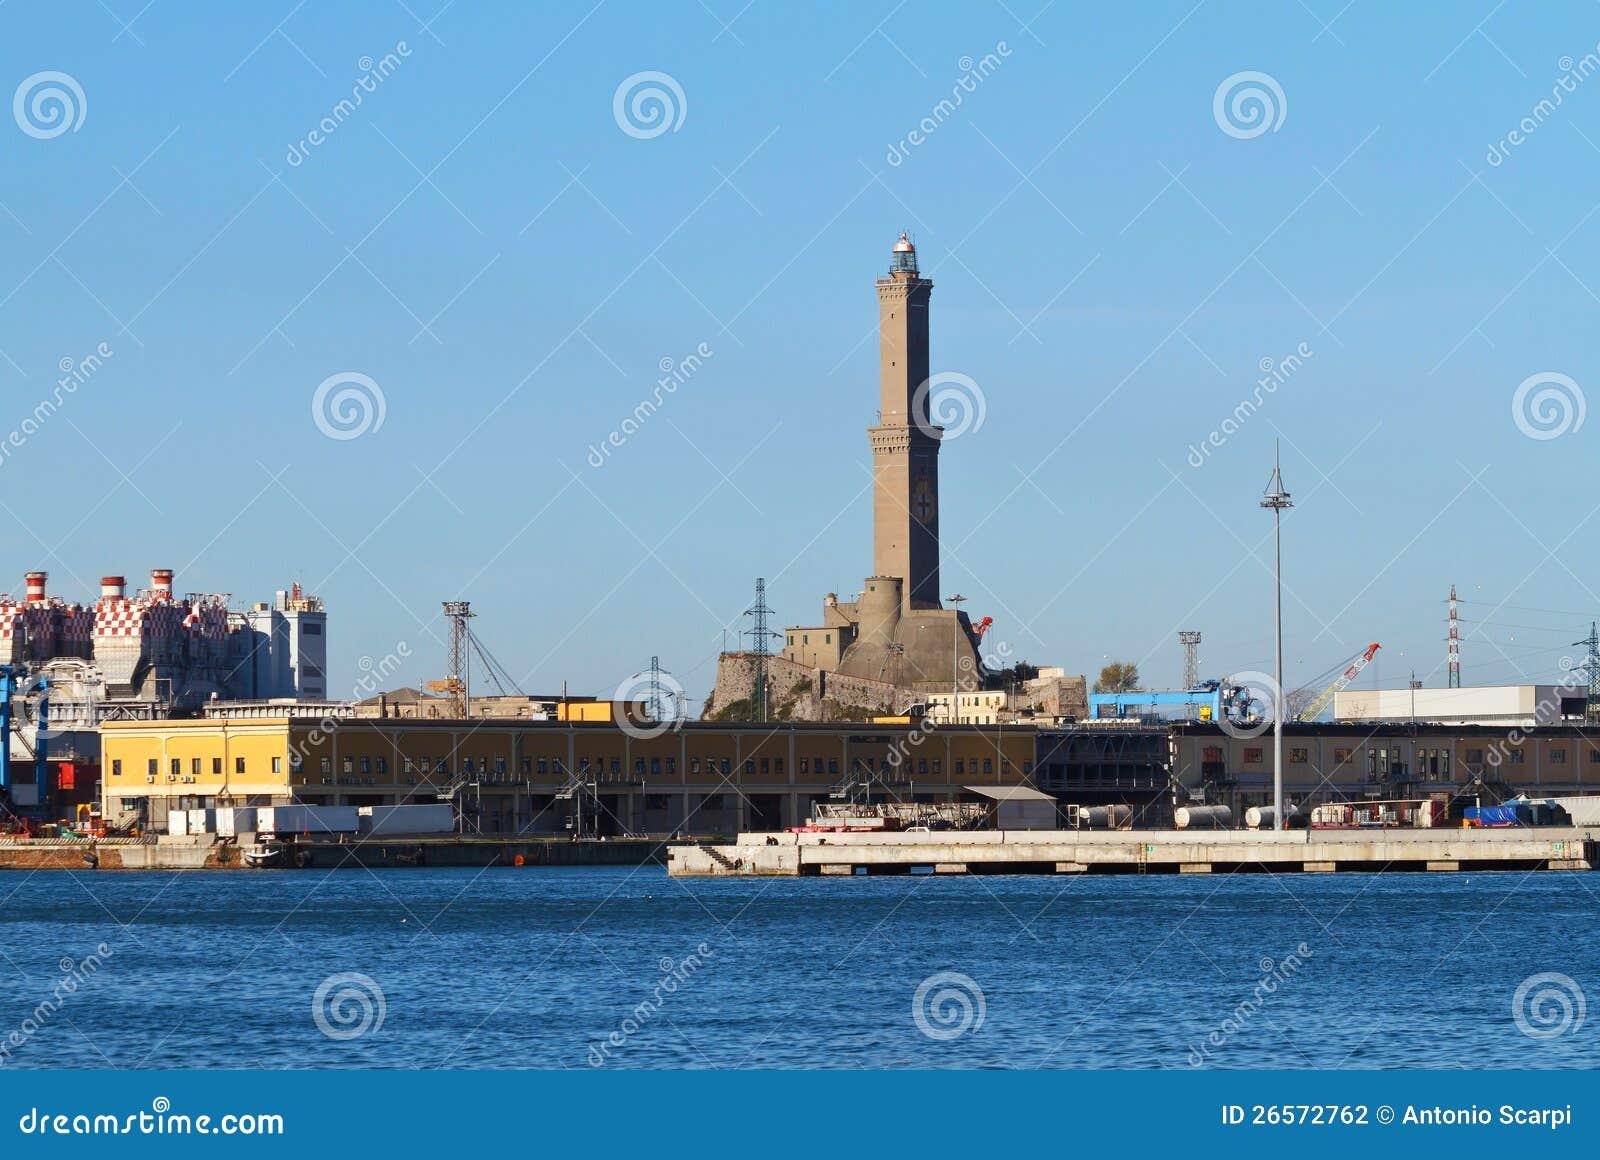 Lanterna - faro a Genova,